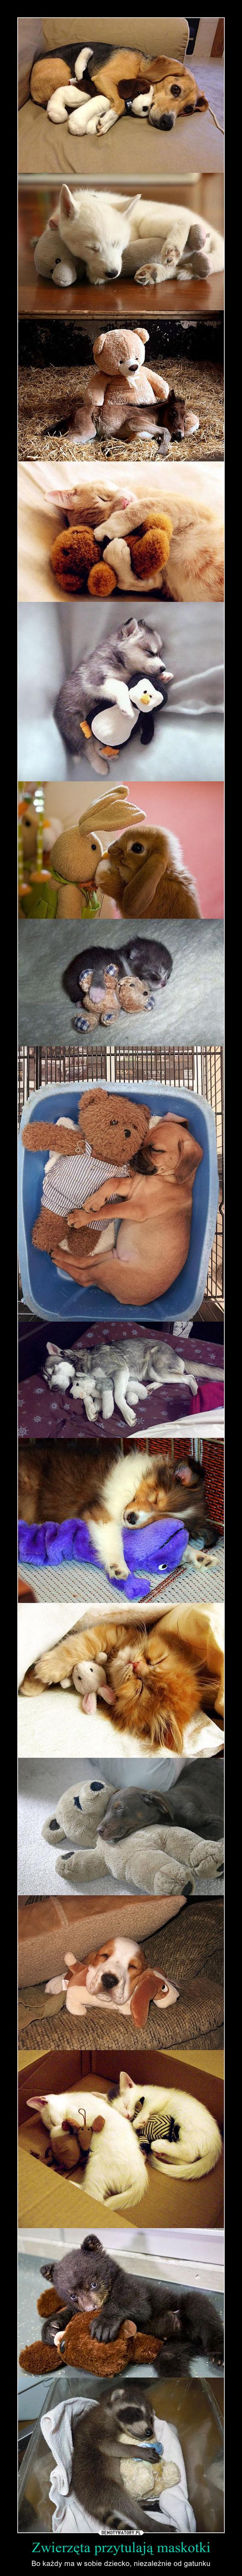 Zwierzęta przytulają maskotki – Bo każdy ma w sobie dziecko, niezależnie od gatunku